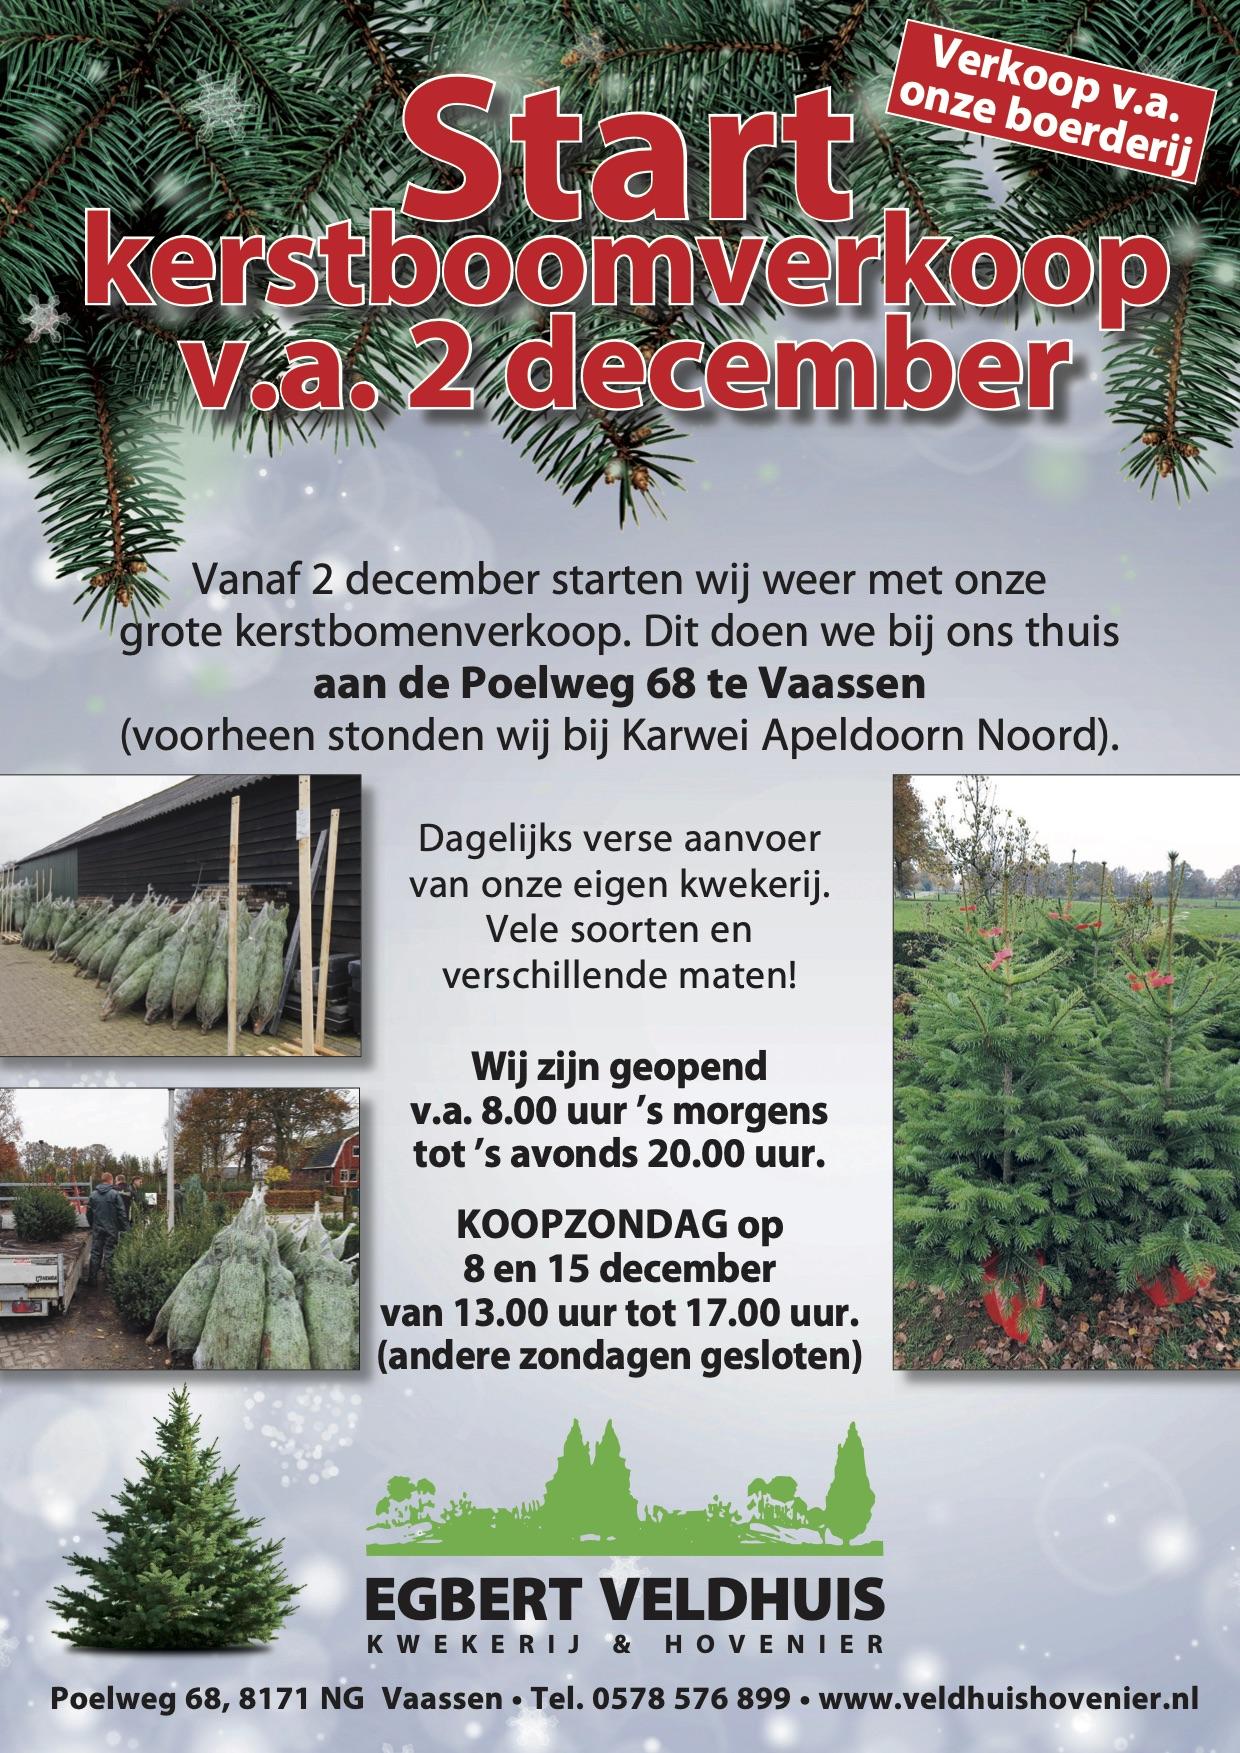 Kerstboomverkoop Veldhuis Hovenier